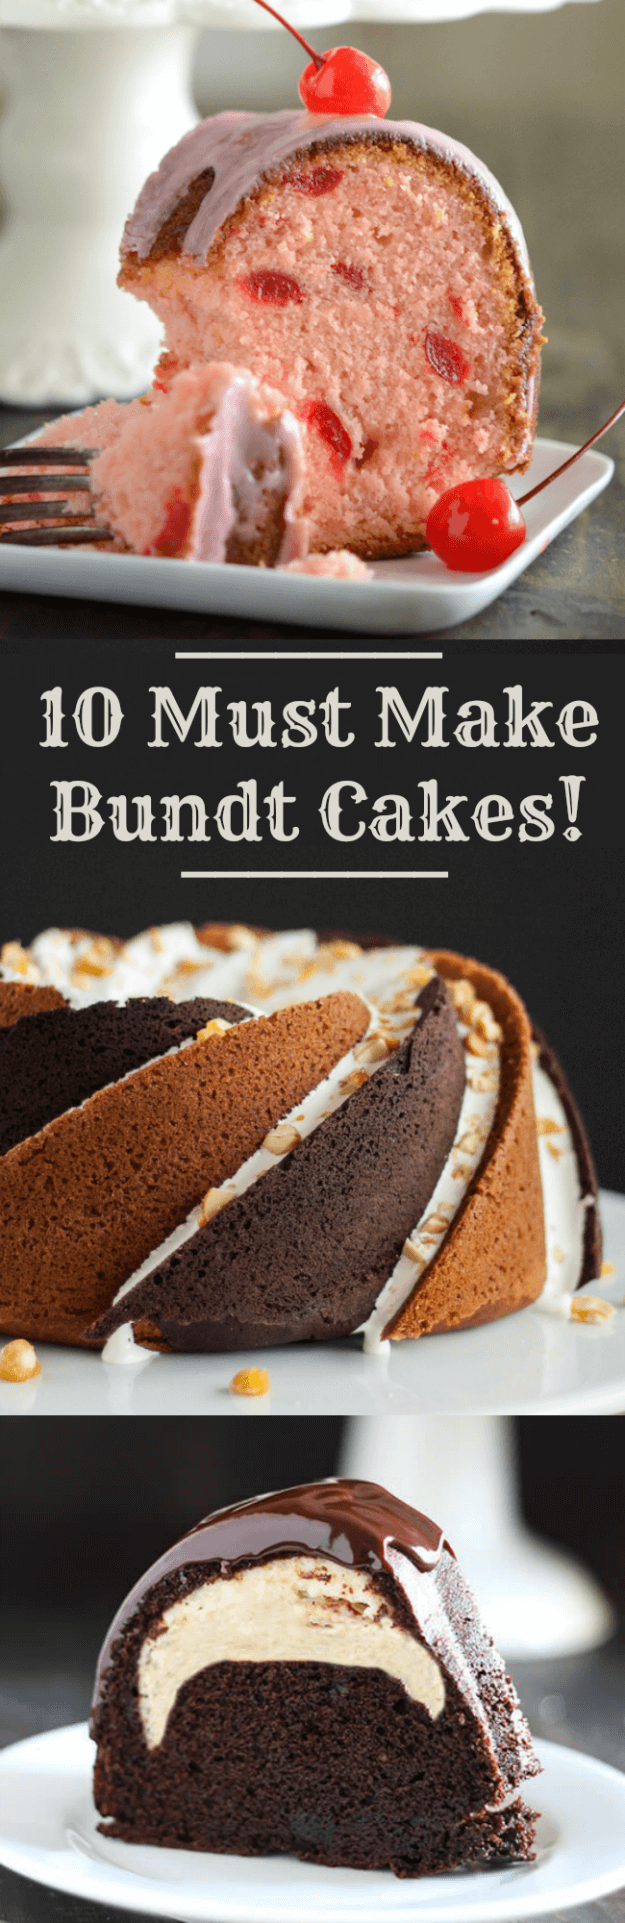 How To Make A Filled Bundt Cake